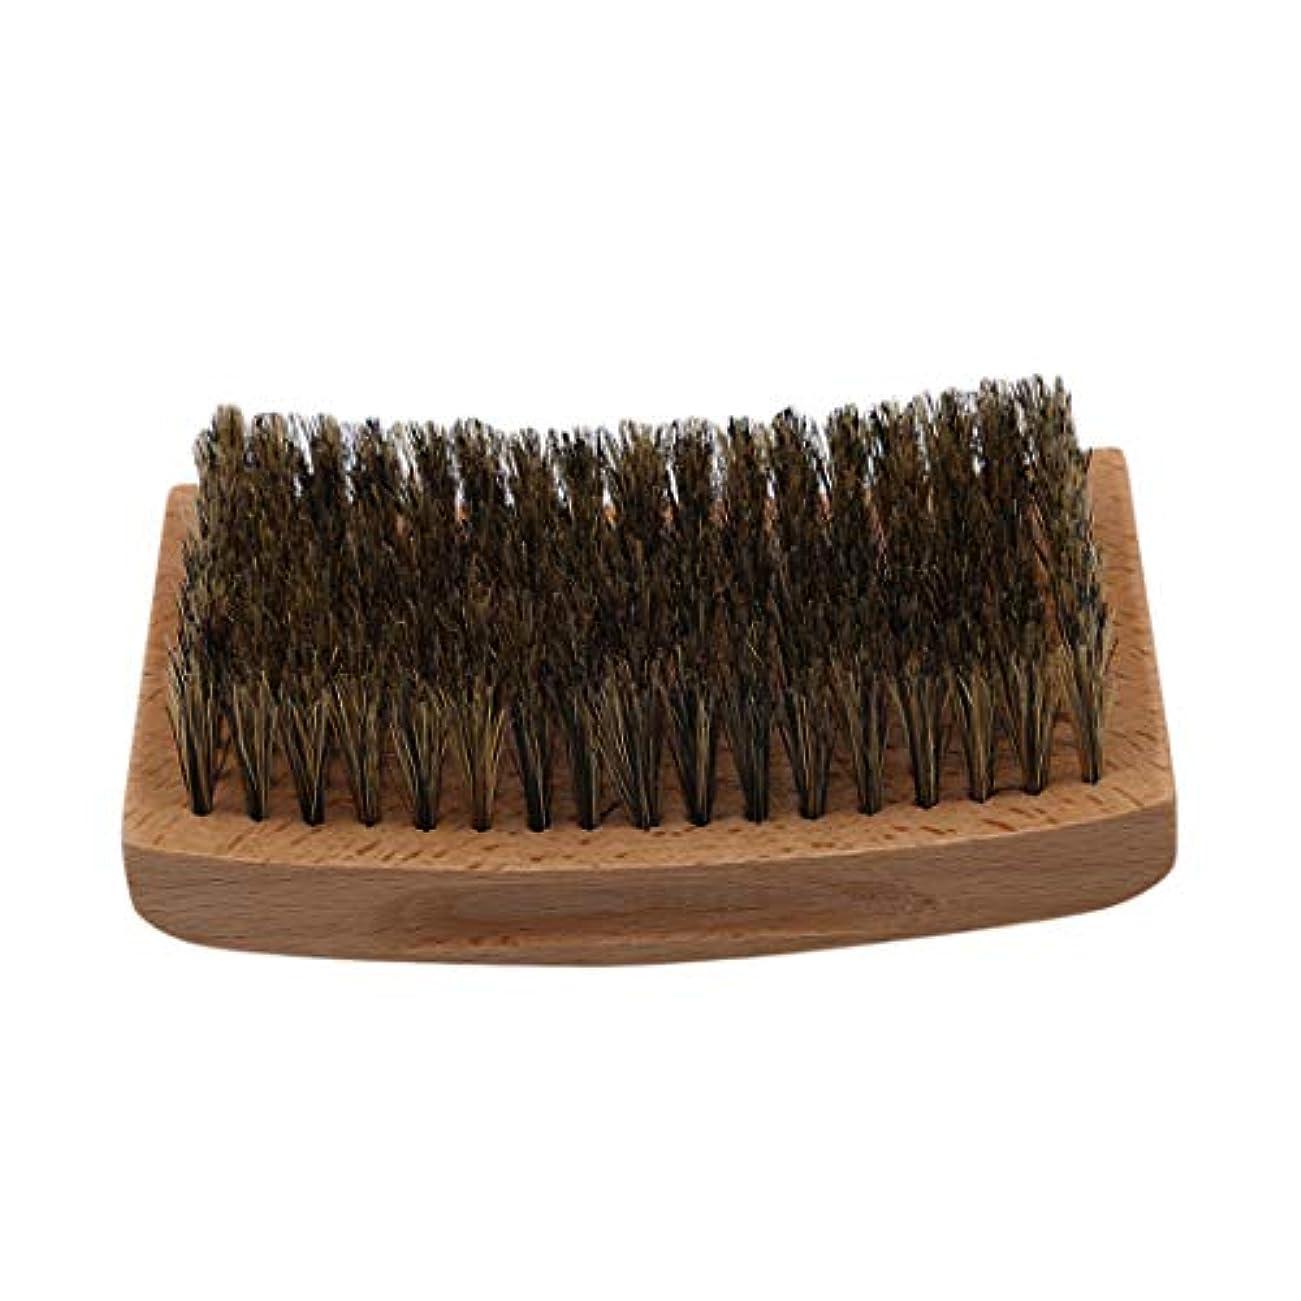 ランチネット整理するKLUMA ひげブラシ シェービングブラシ 理容 洗顔 髭剃り 泡立ち 洗顔ブラシ 5#